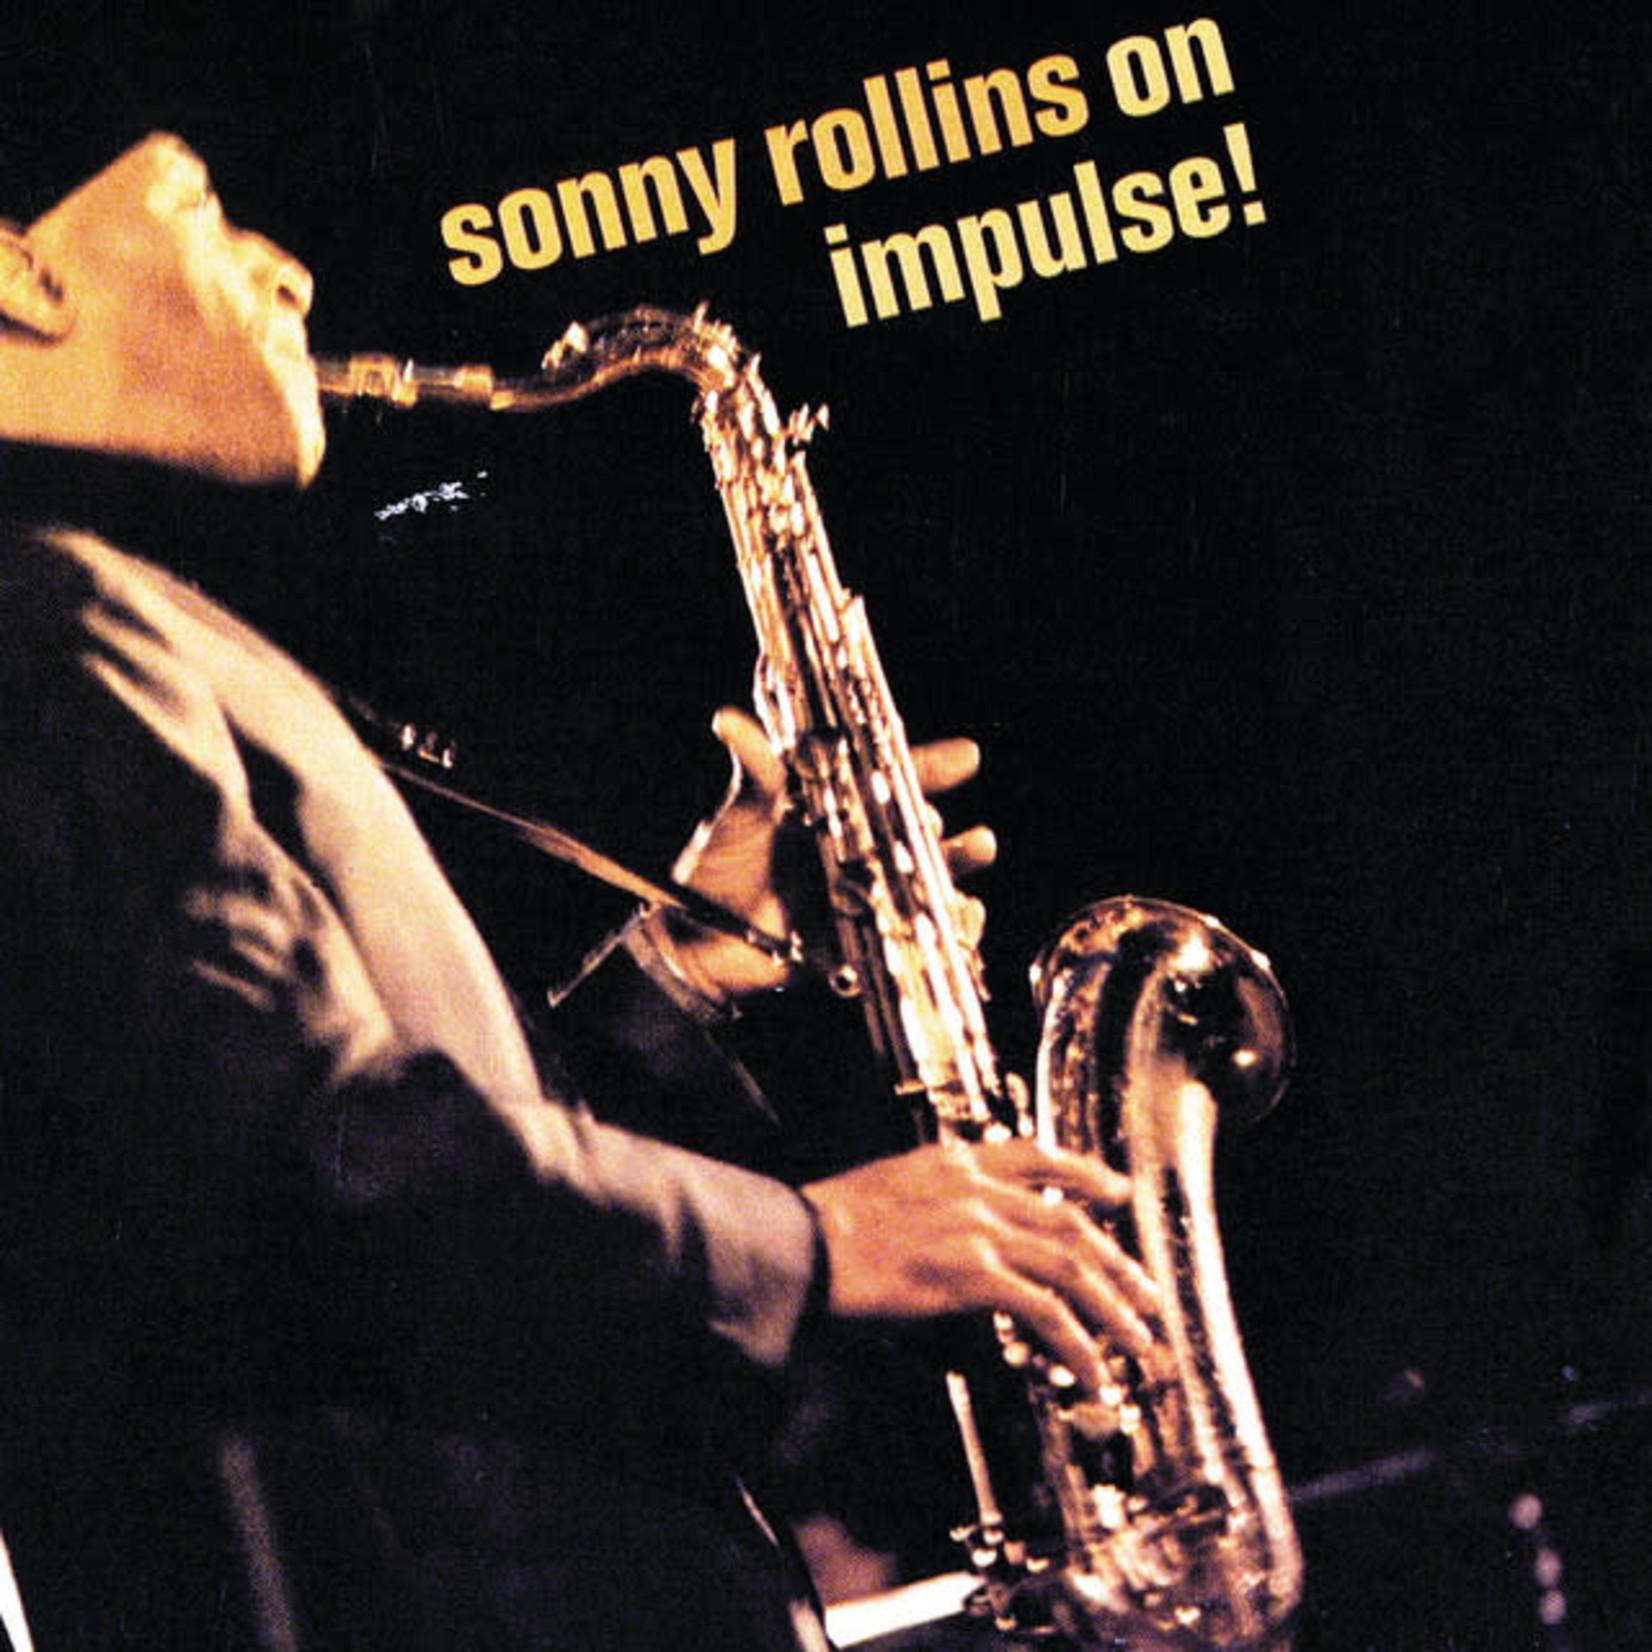 Vinyl Sonny Rollins - On Impulse (Acoustic Sounds Series)